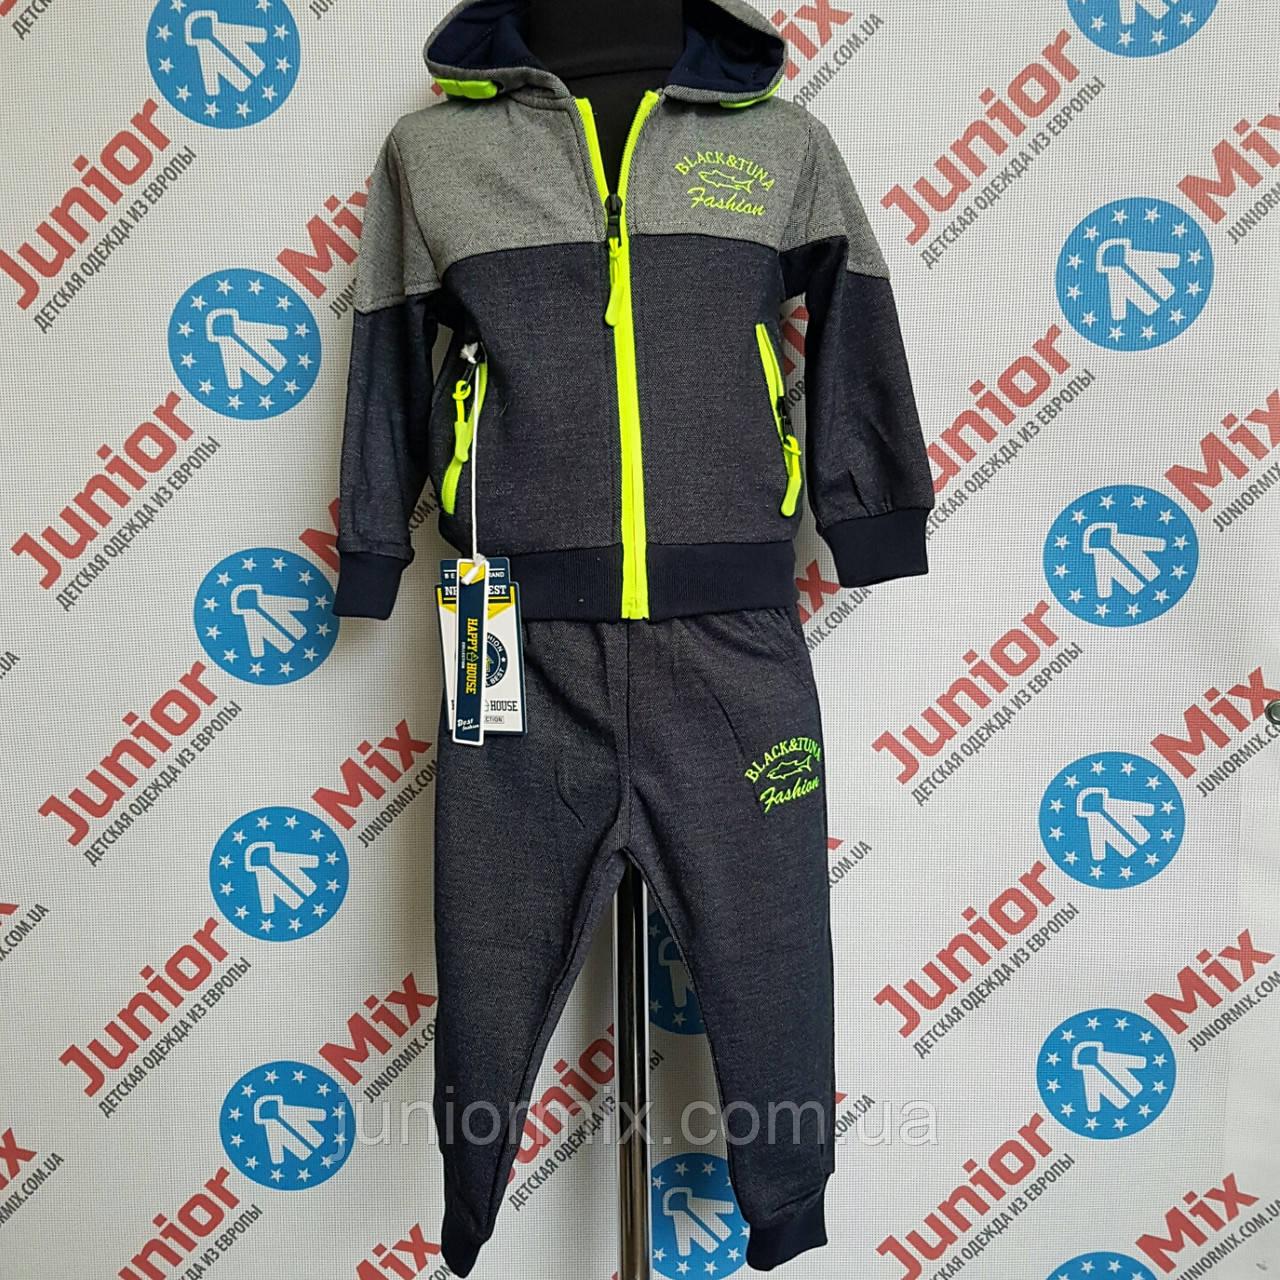 Детский спортивный костюм на мальчика